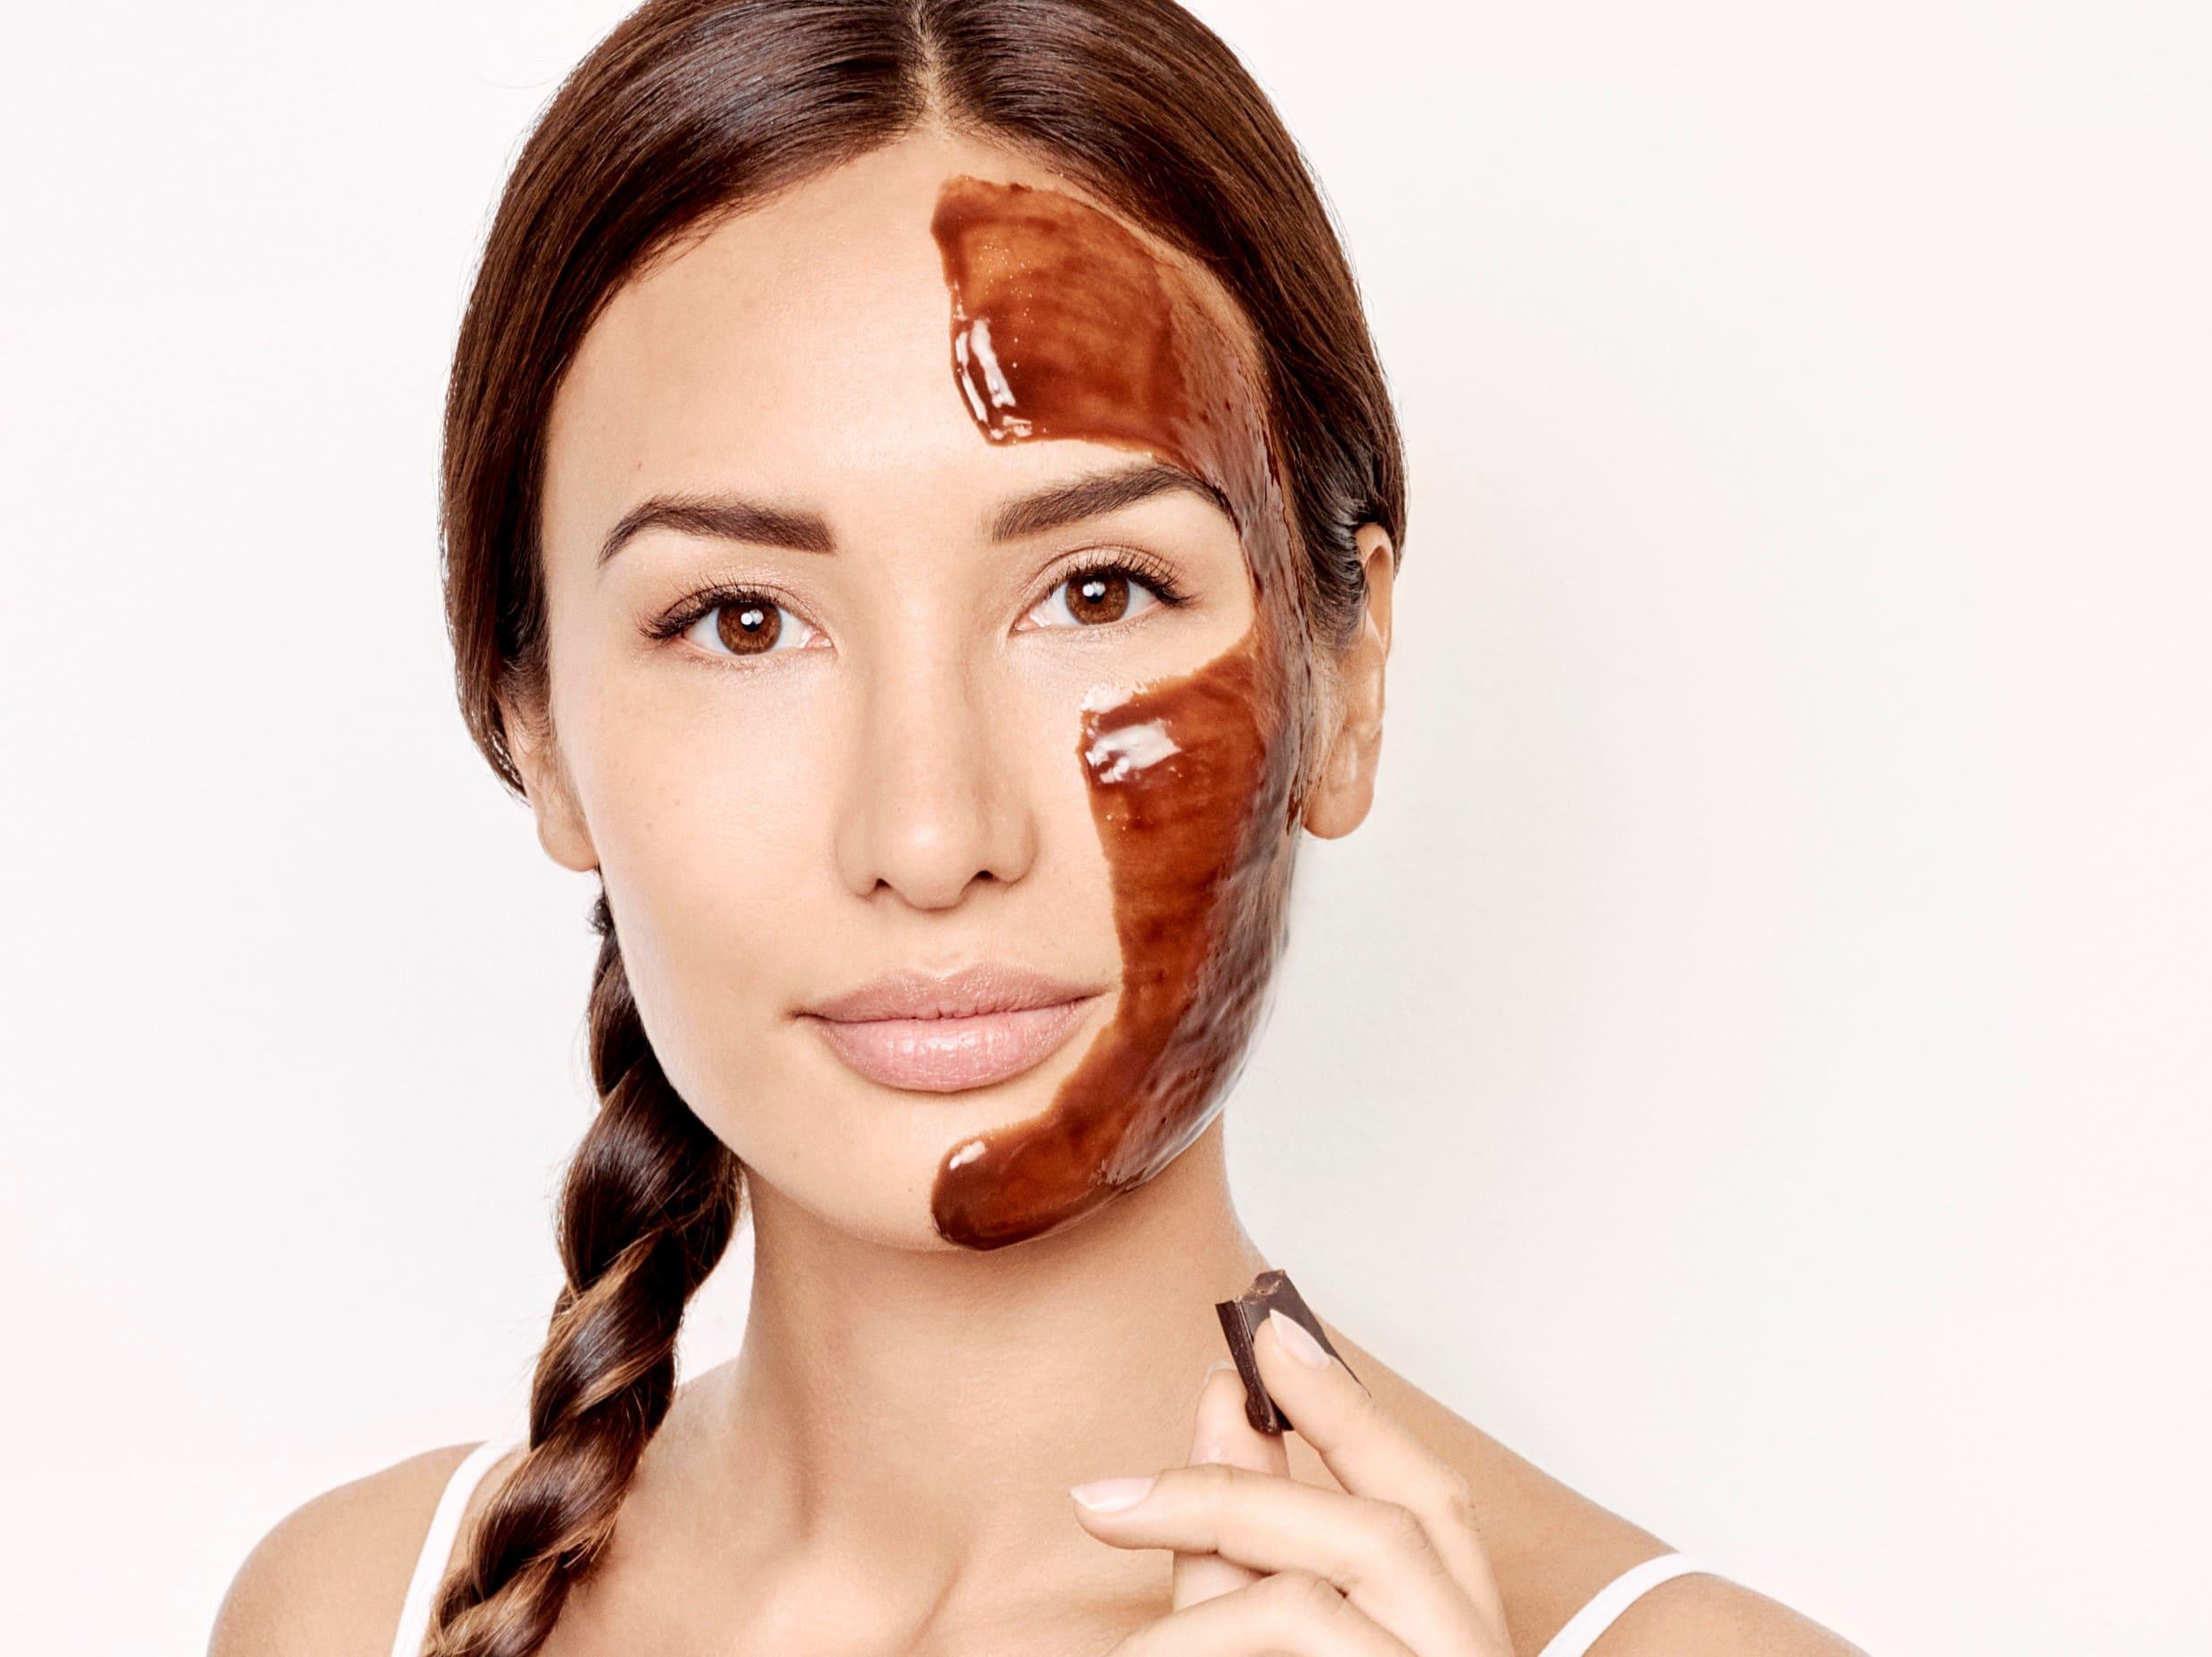 schoko-maske-gesichtspflege-gesichtsmaske-schokolade-vollmilchschokolade-lecker-hypoallergen-verwöhnend-wohltuend-kakao-kakaoduft-anwendung